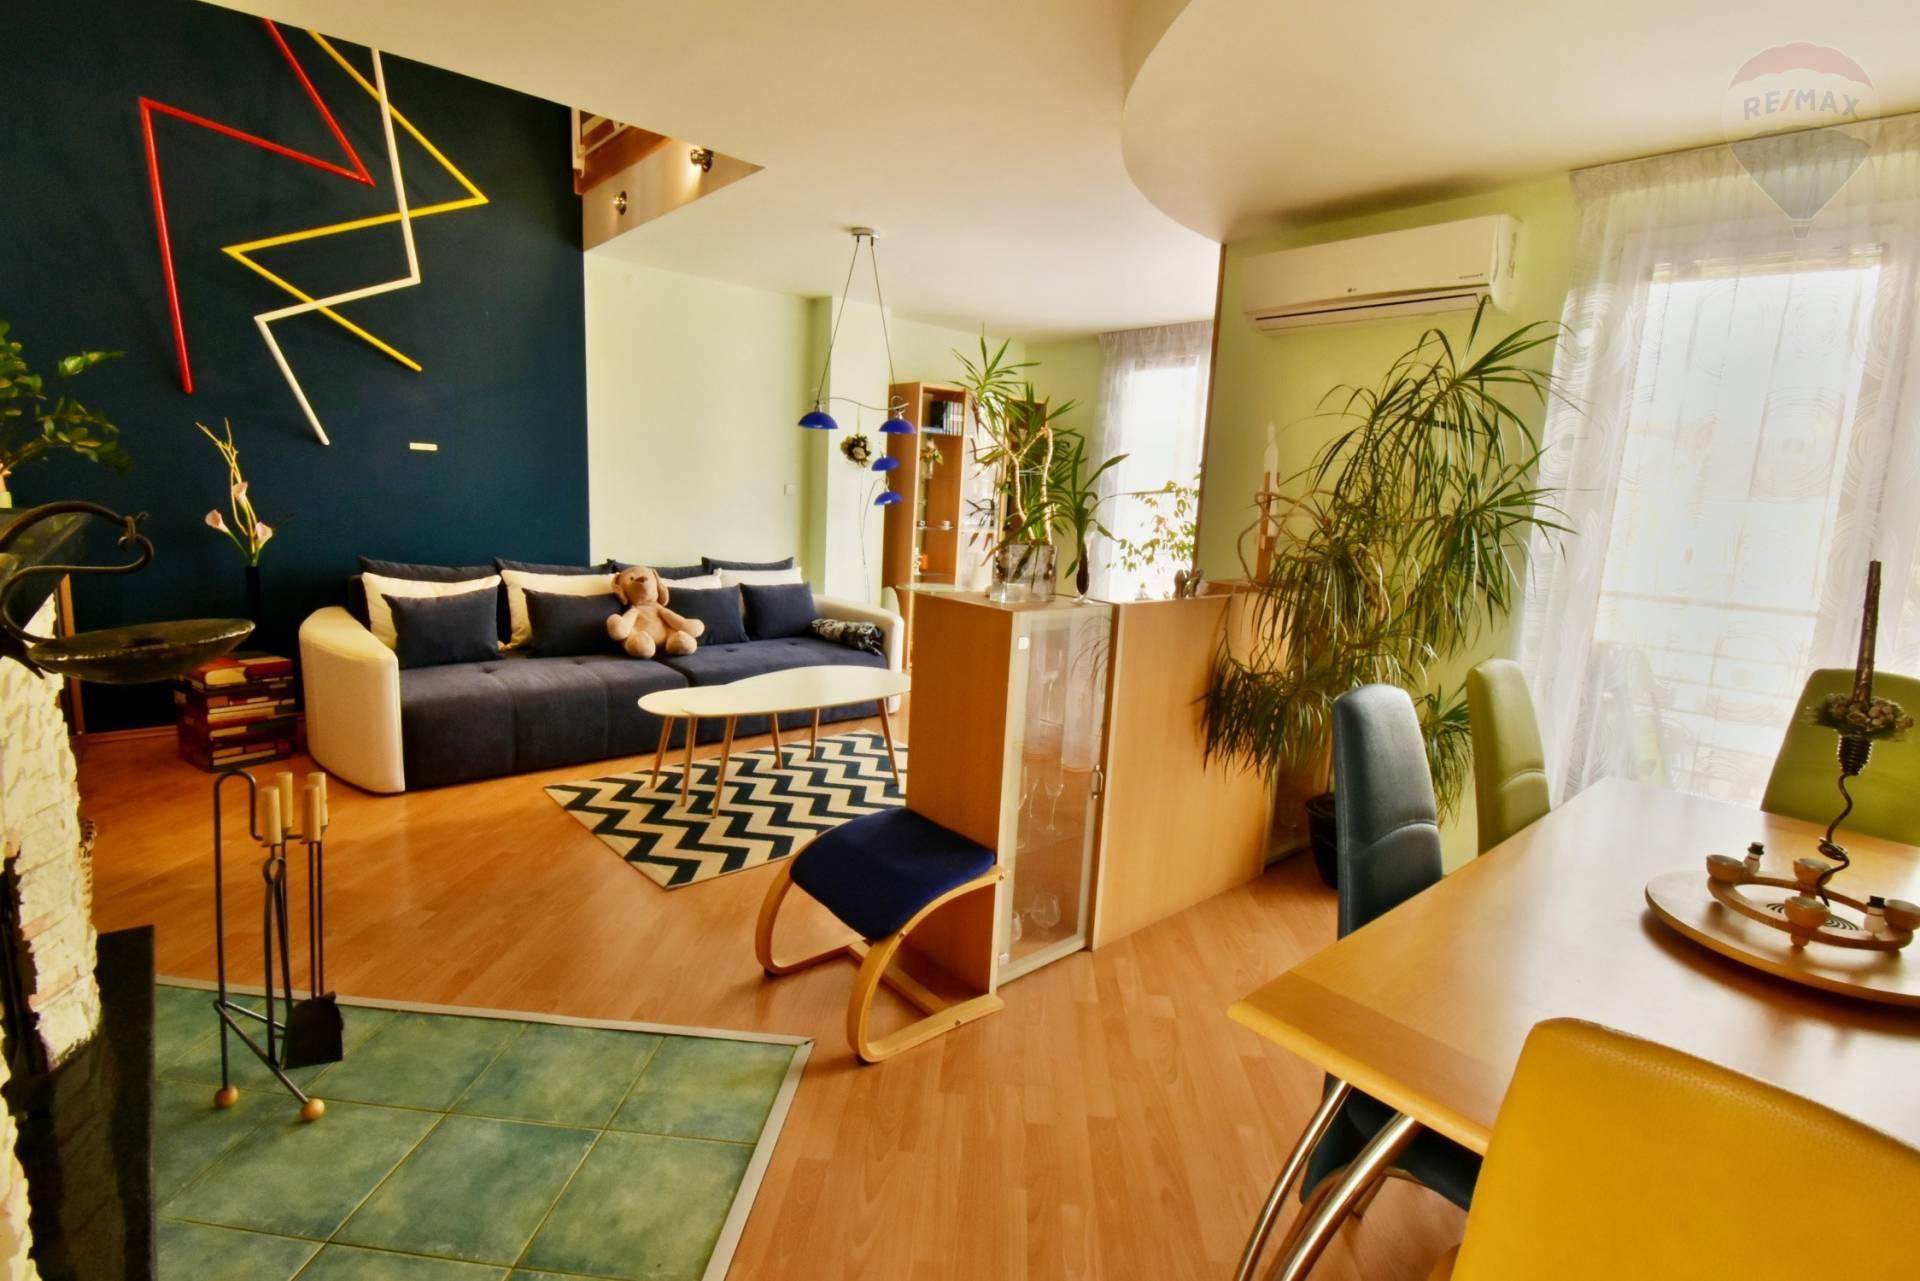 4-izbový mezonetový byt na prenájom